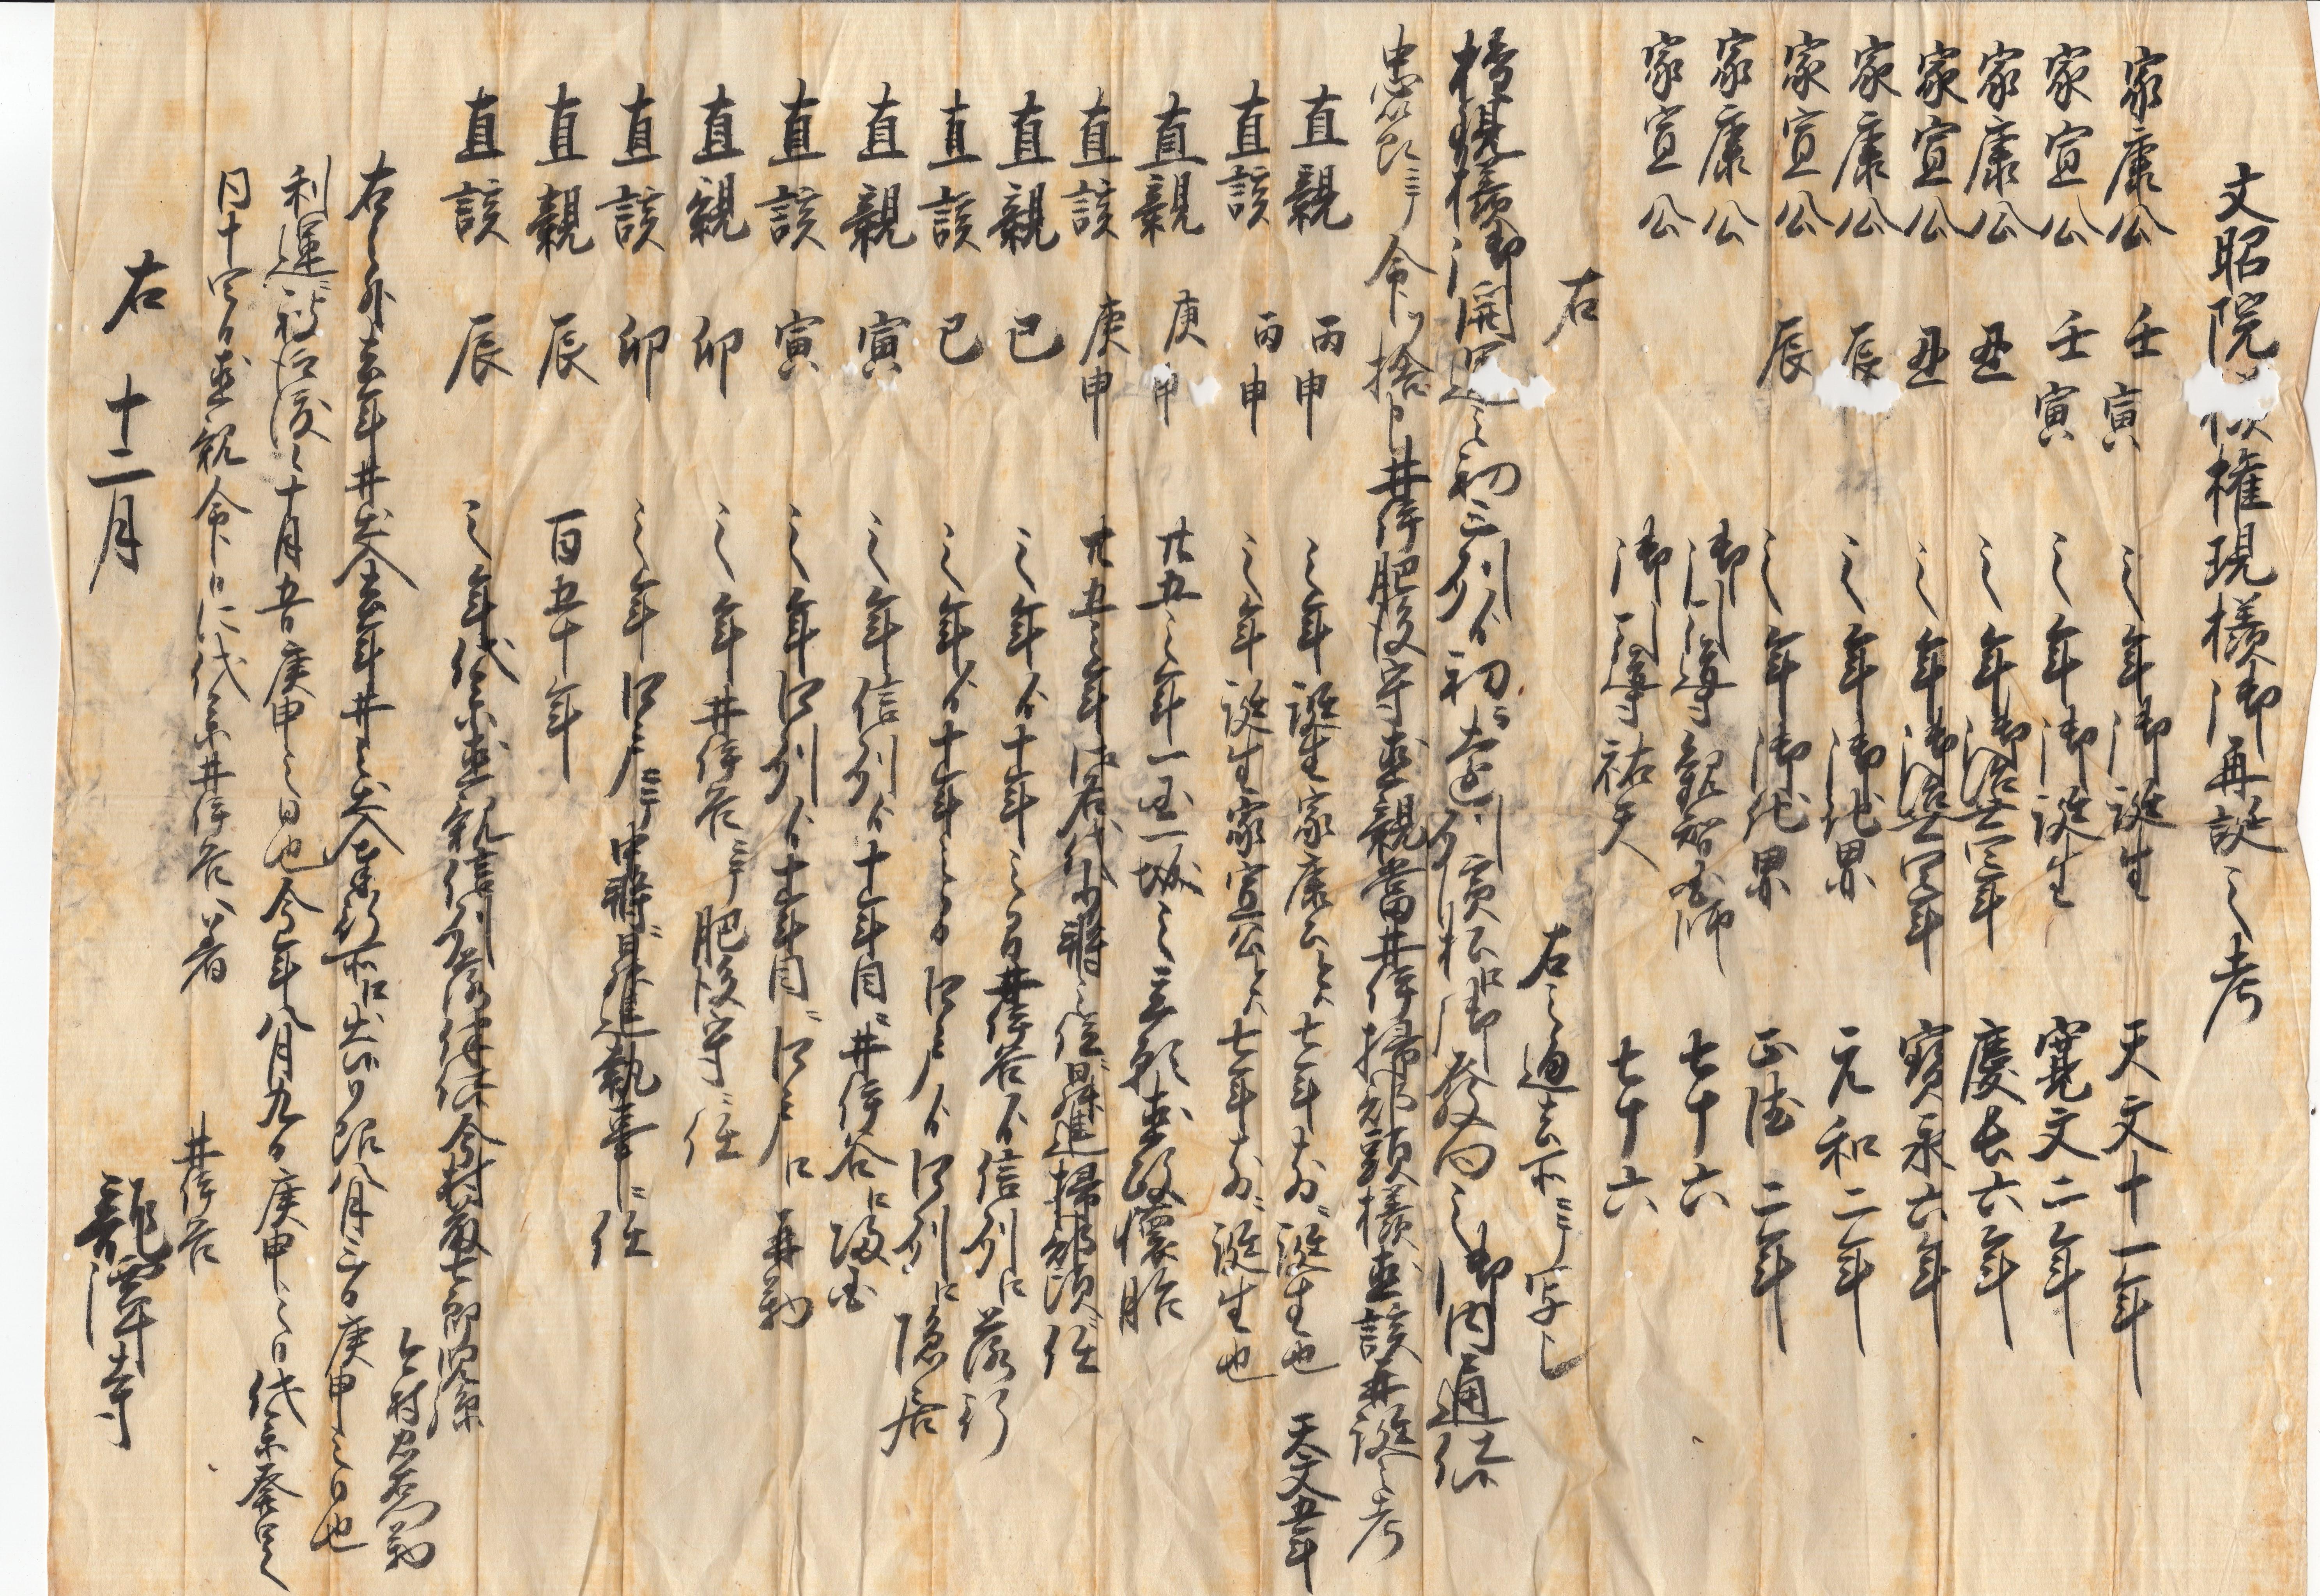 龍潭寺文書(井伊家本)